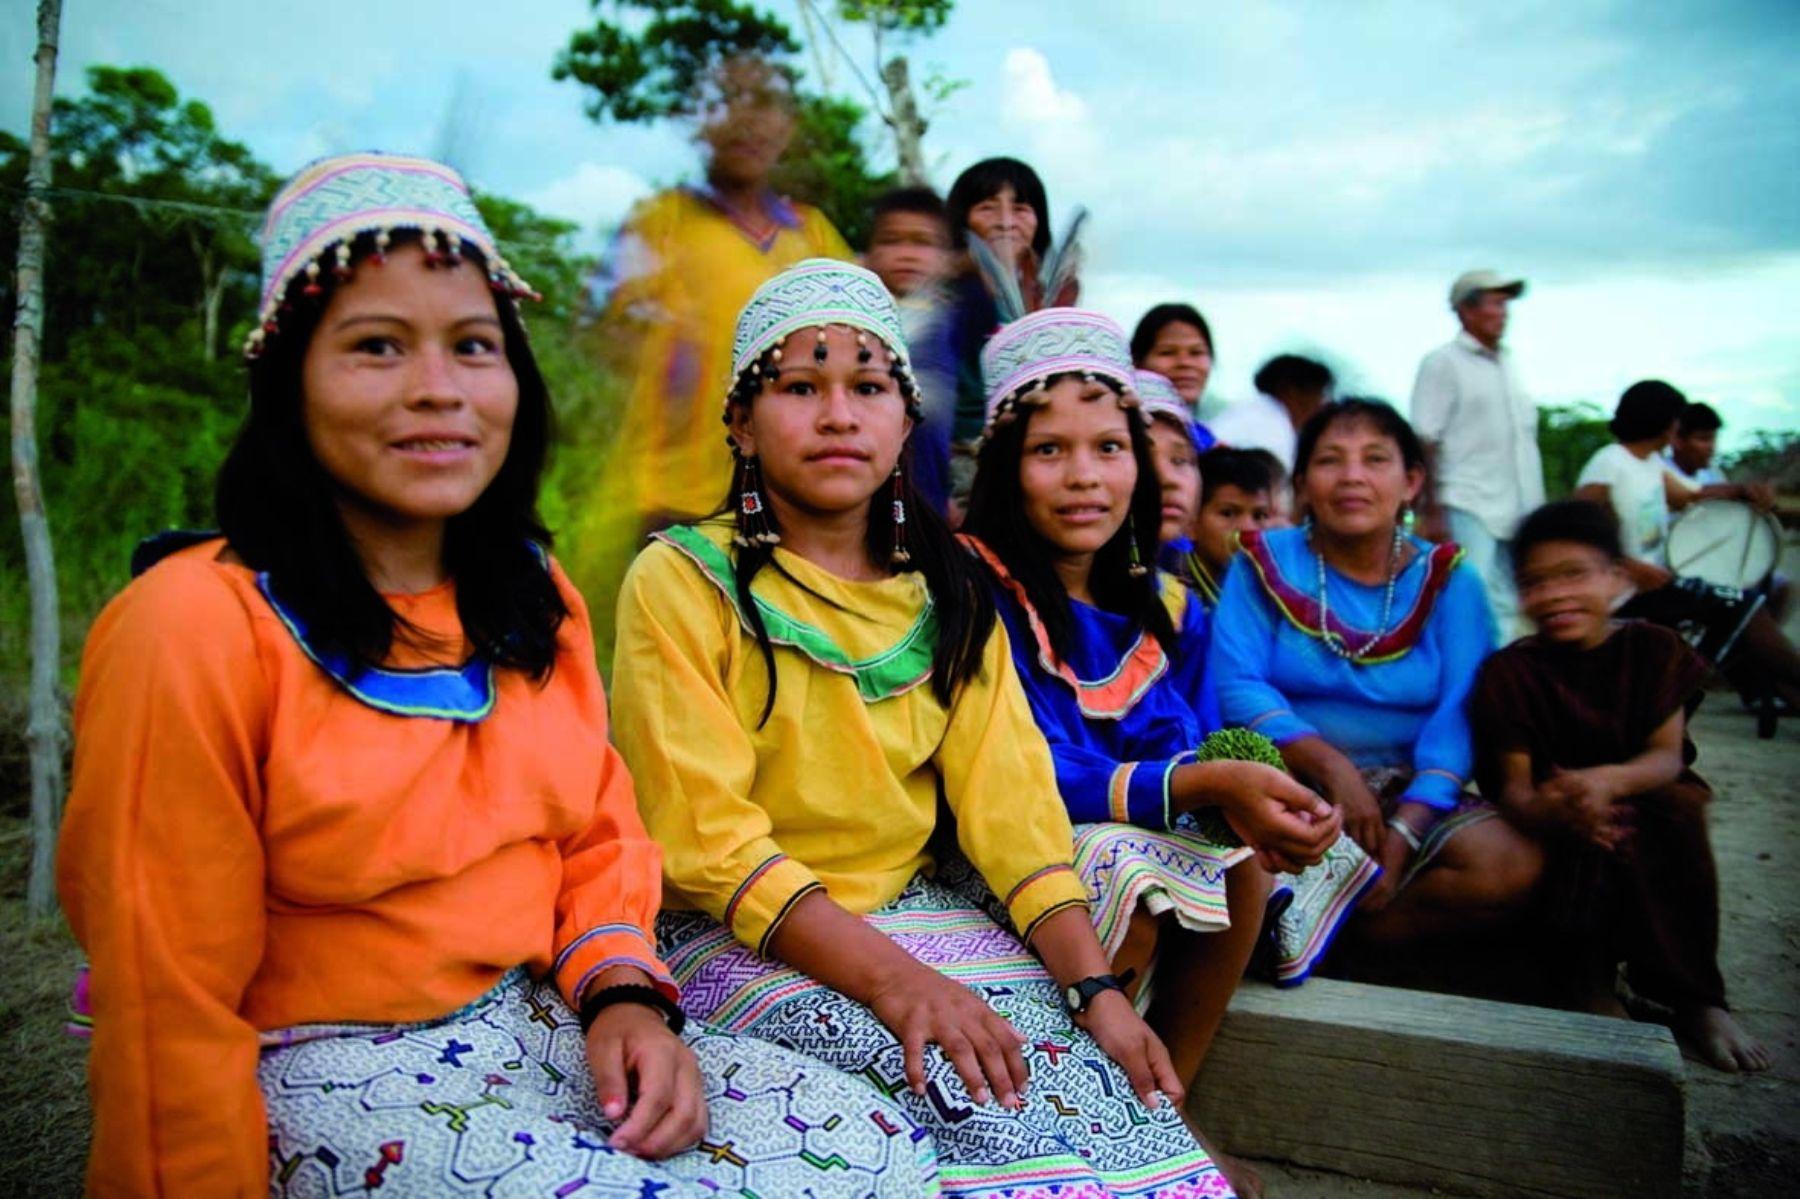 Foto: Las comunidades shipibo-konibo solicitan urgente atención para hacerle frente a la pandemia / Fuente: Andina